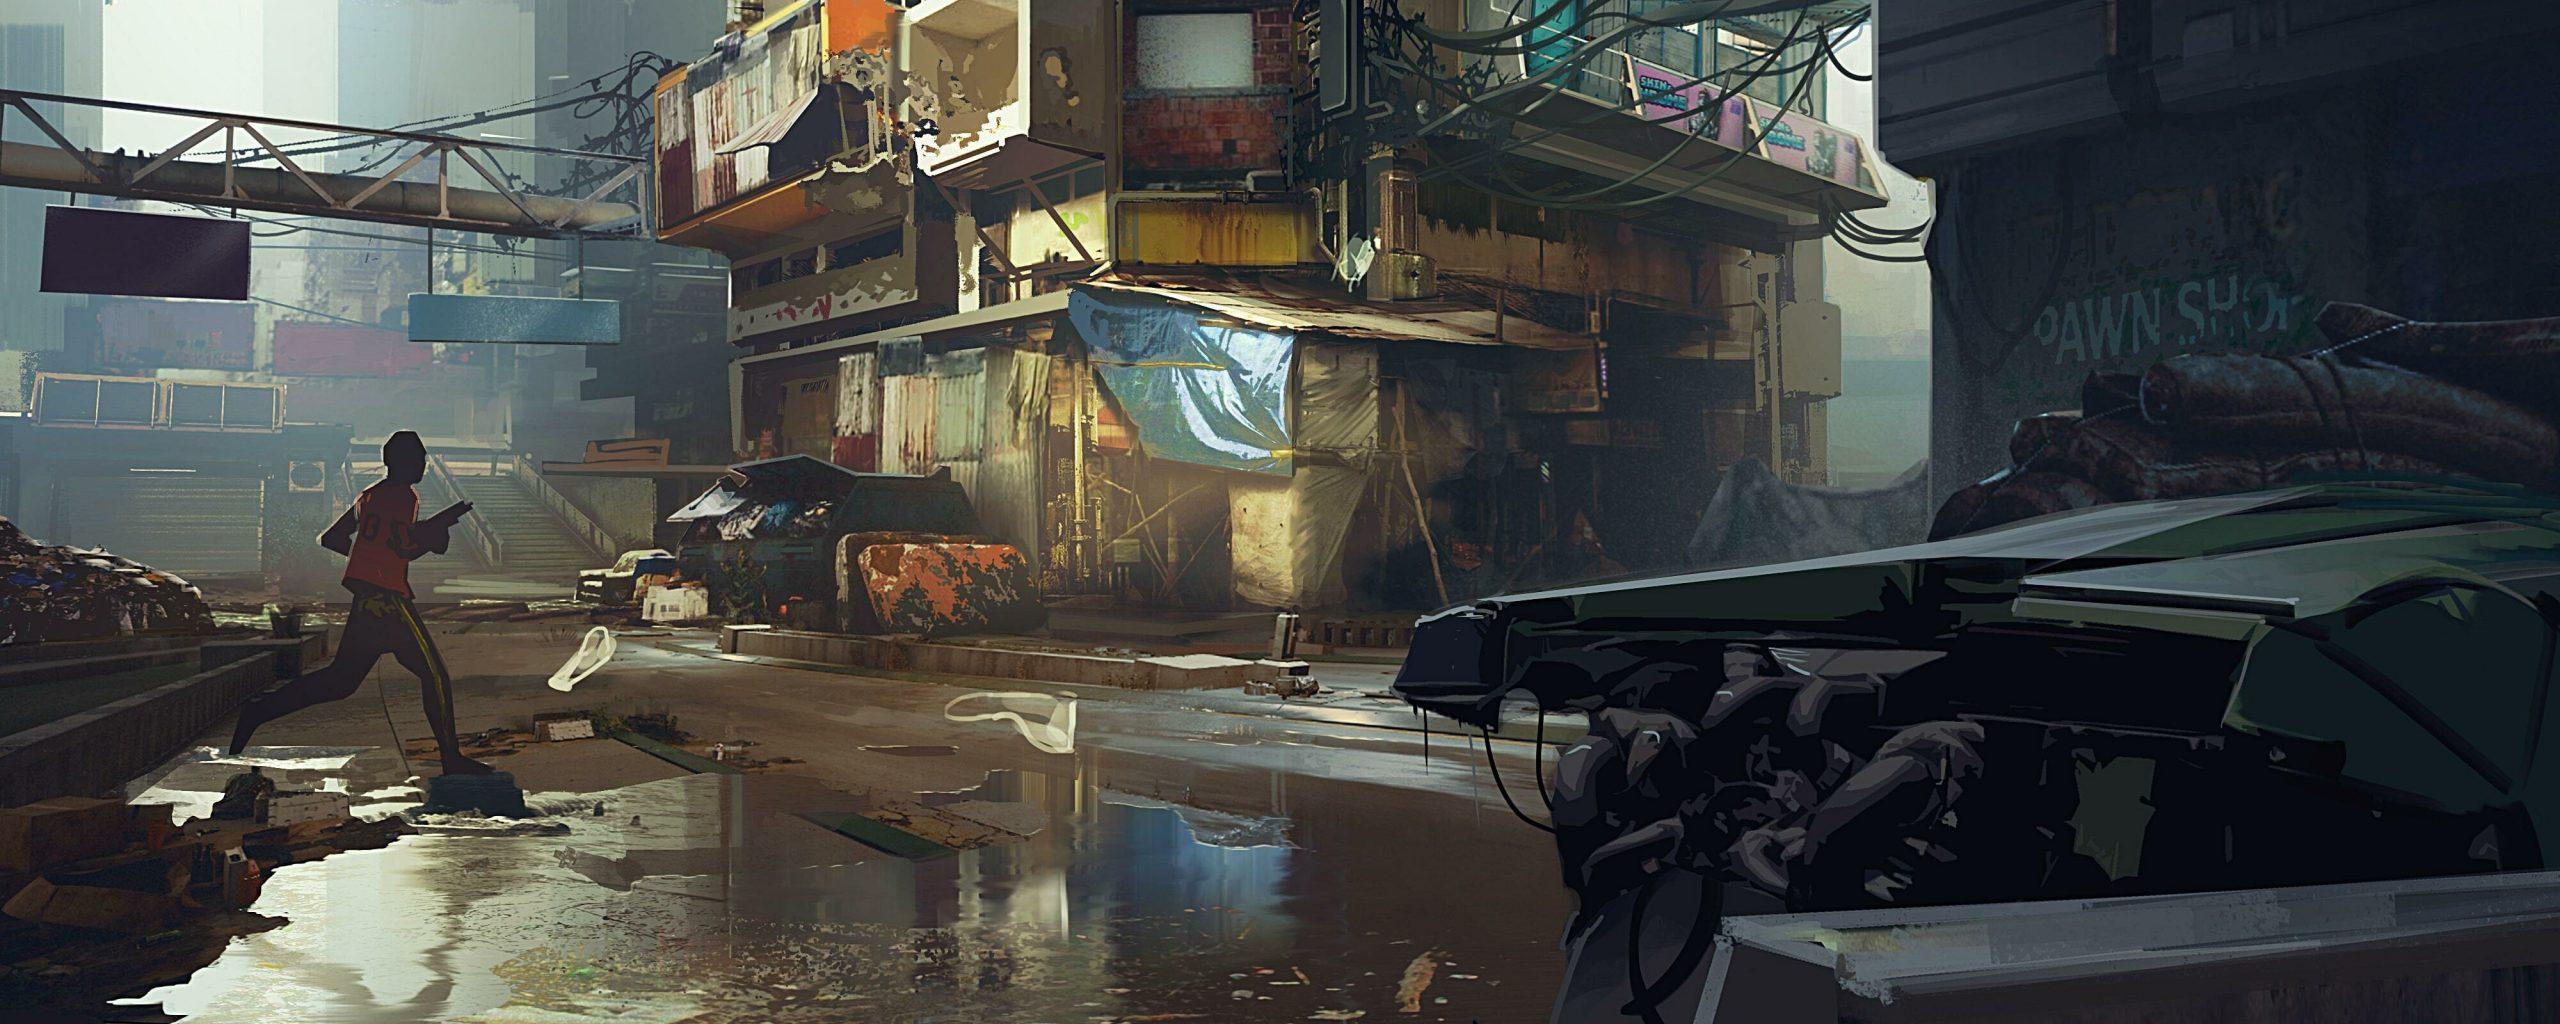 Трейлер, геймплей ианиме отTrigger — что показали напрезентации Cyberpunk 2077? 15